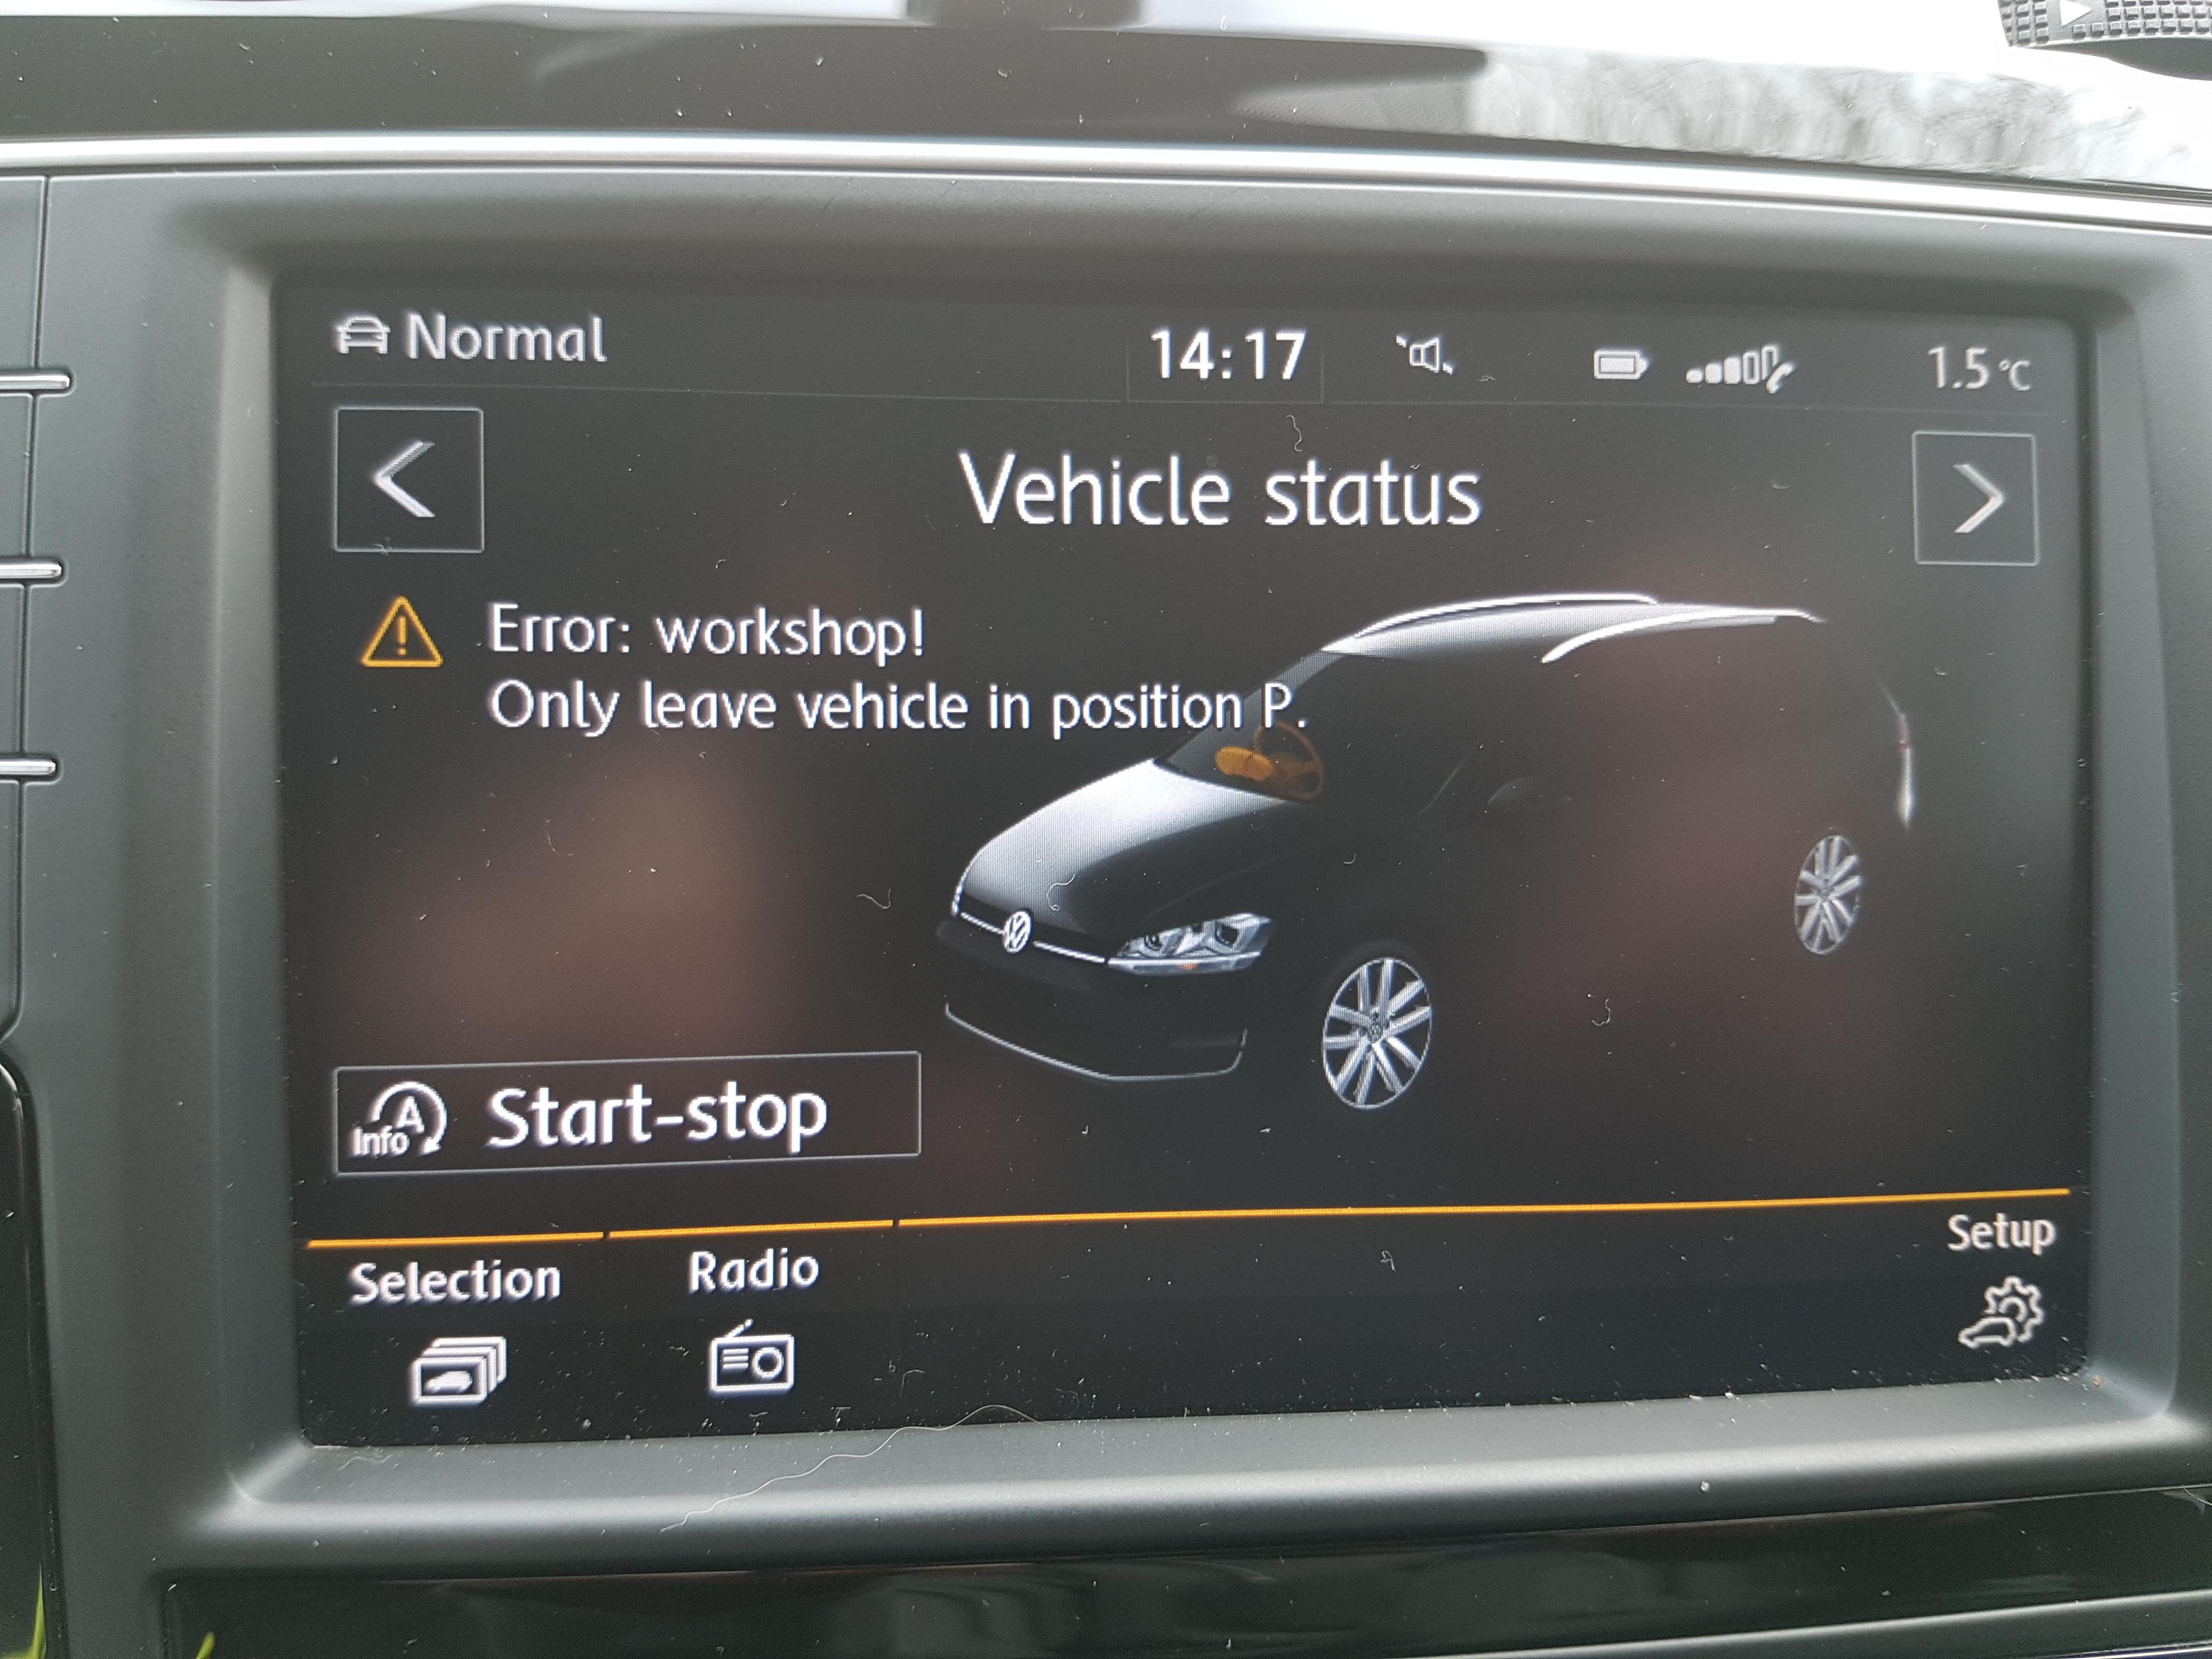 Error Workshop !! - VW Golf R MK7 Chat - VWROC - VW R Owners Club